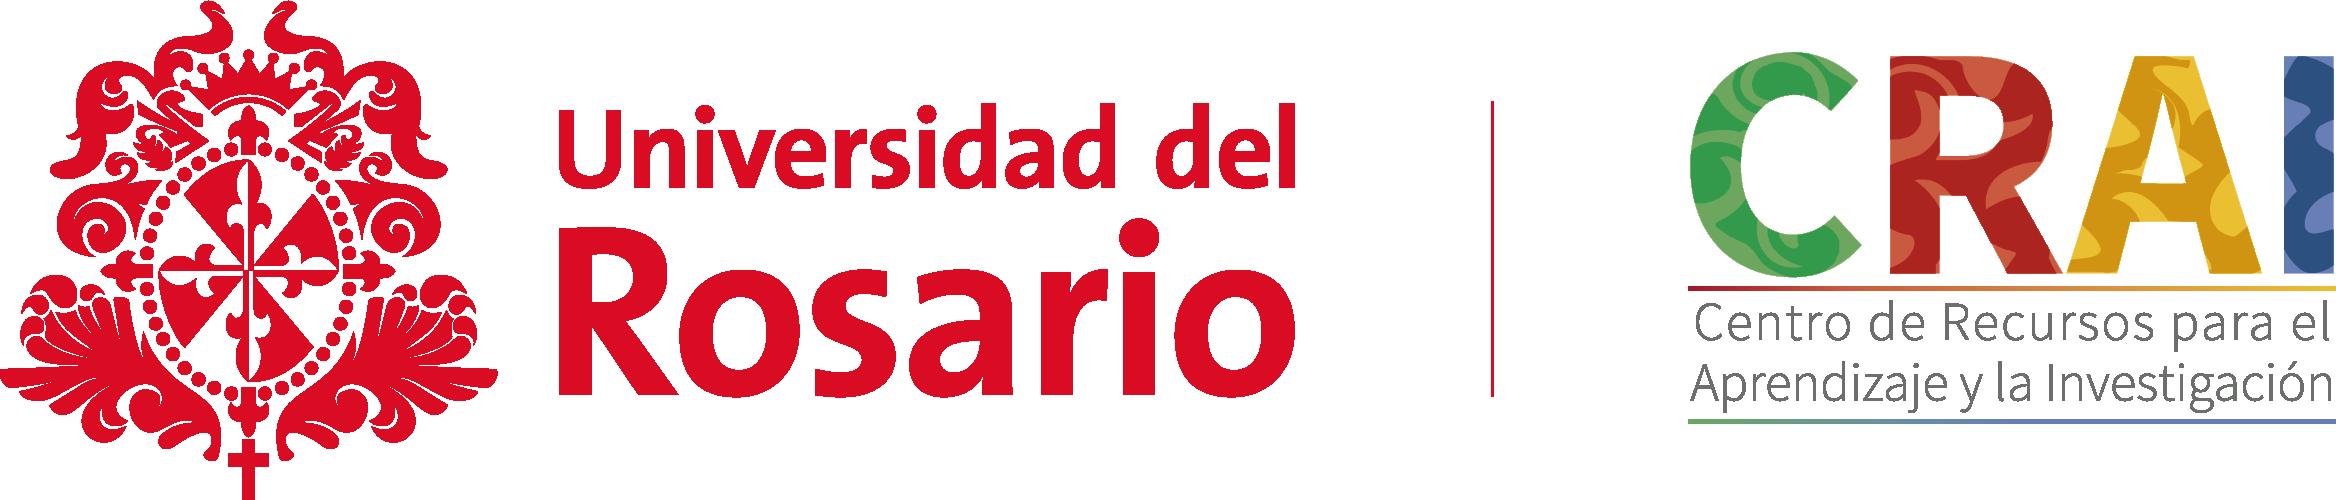 Universidad del Rosario Logo